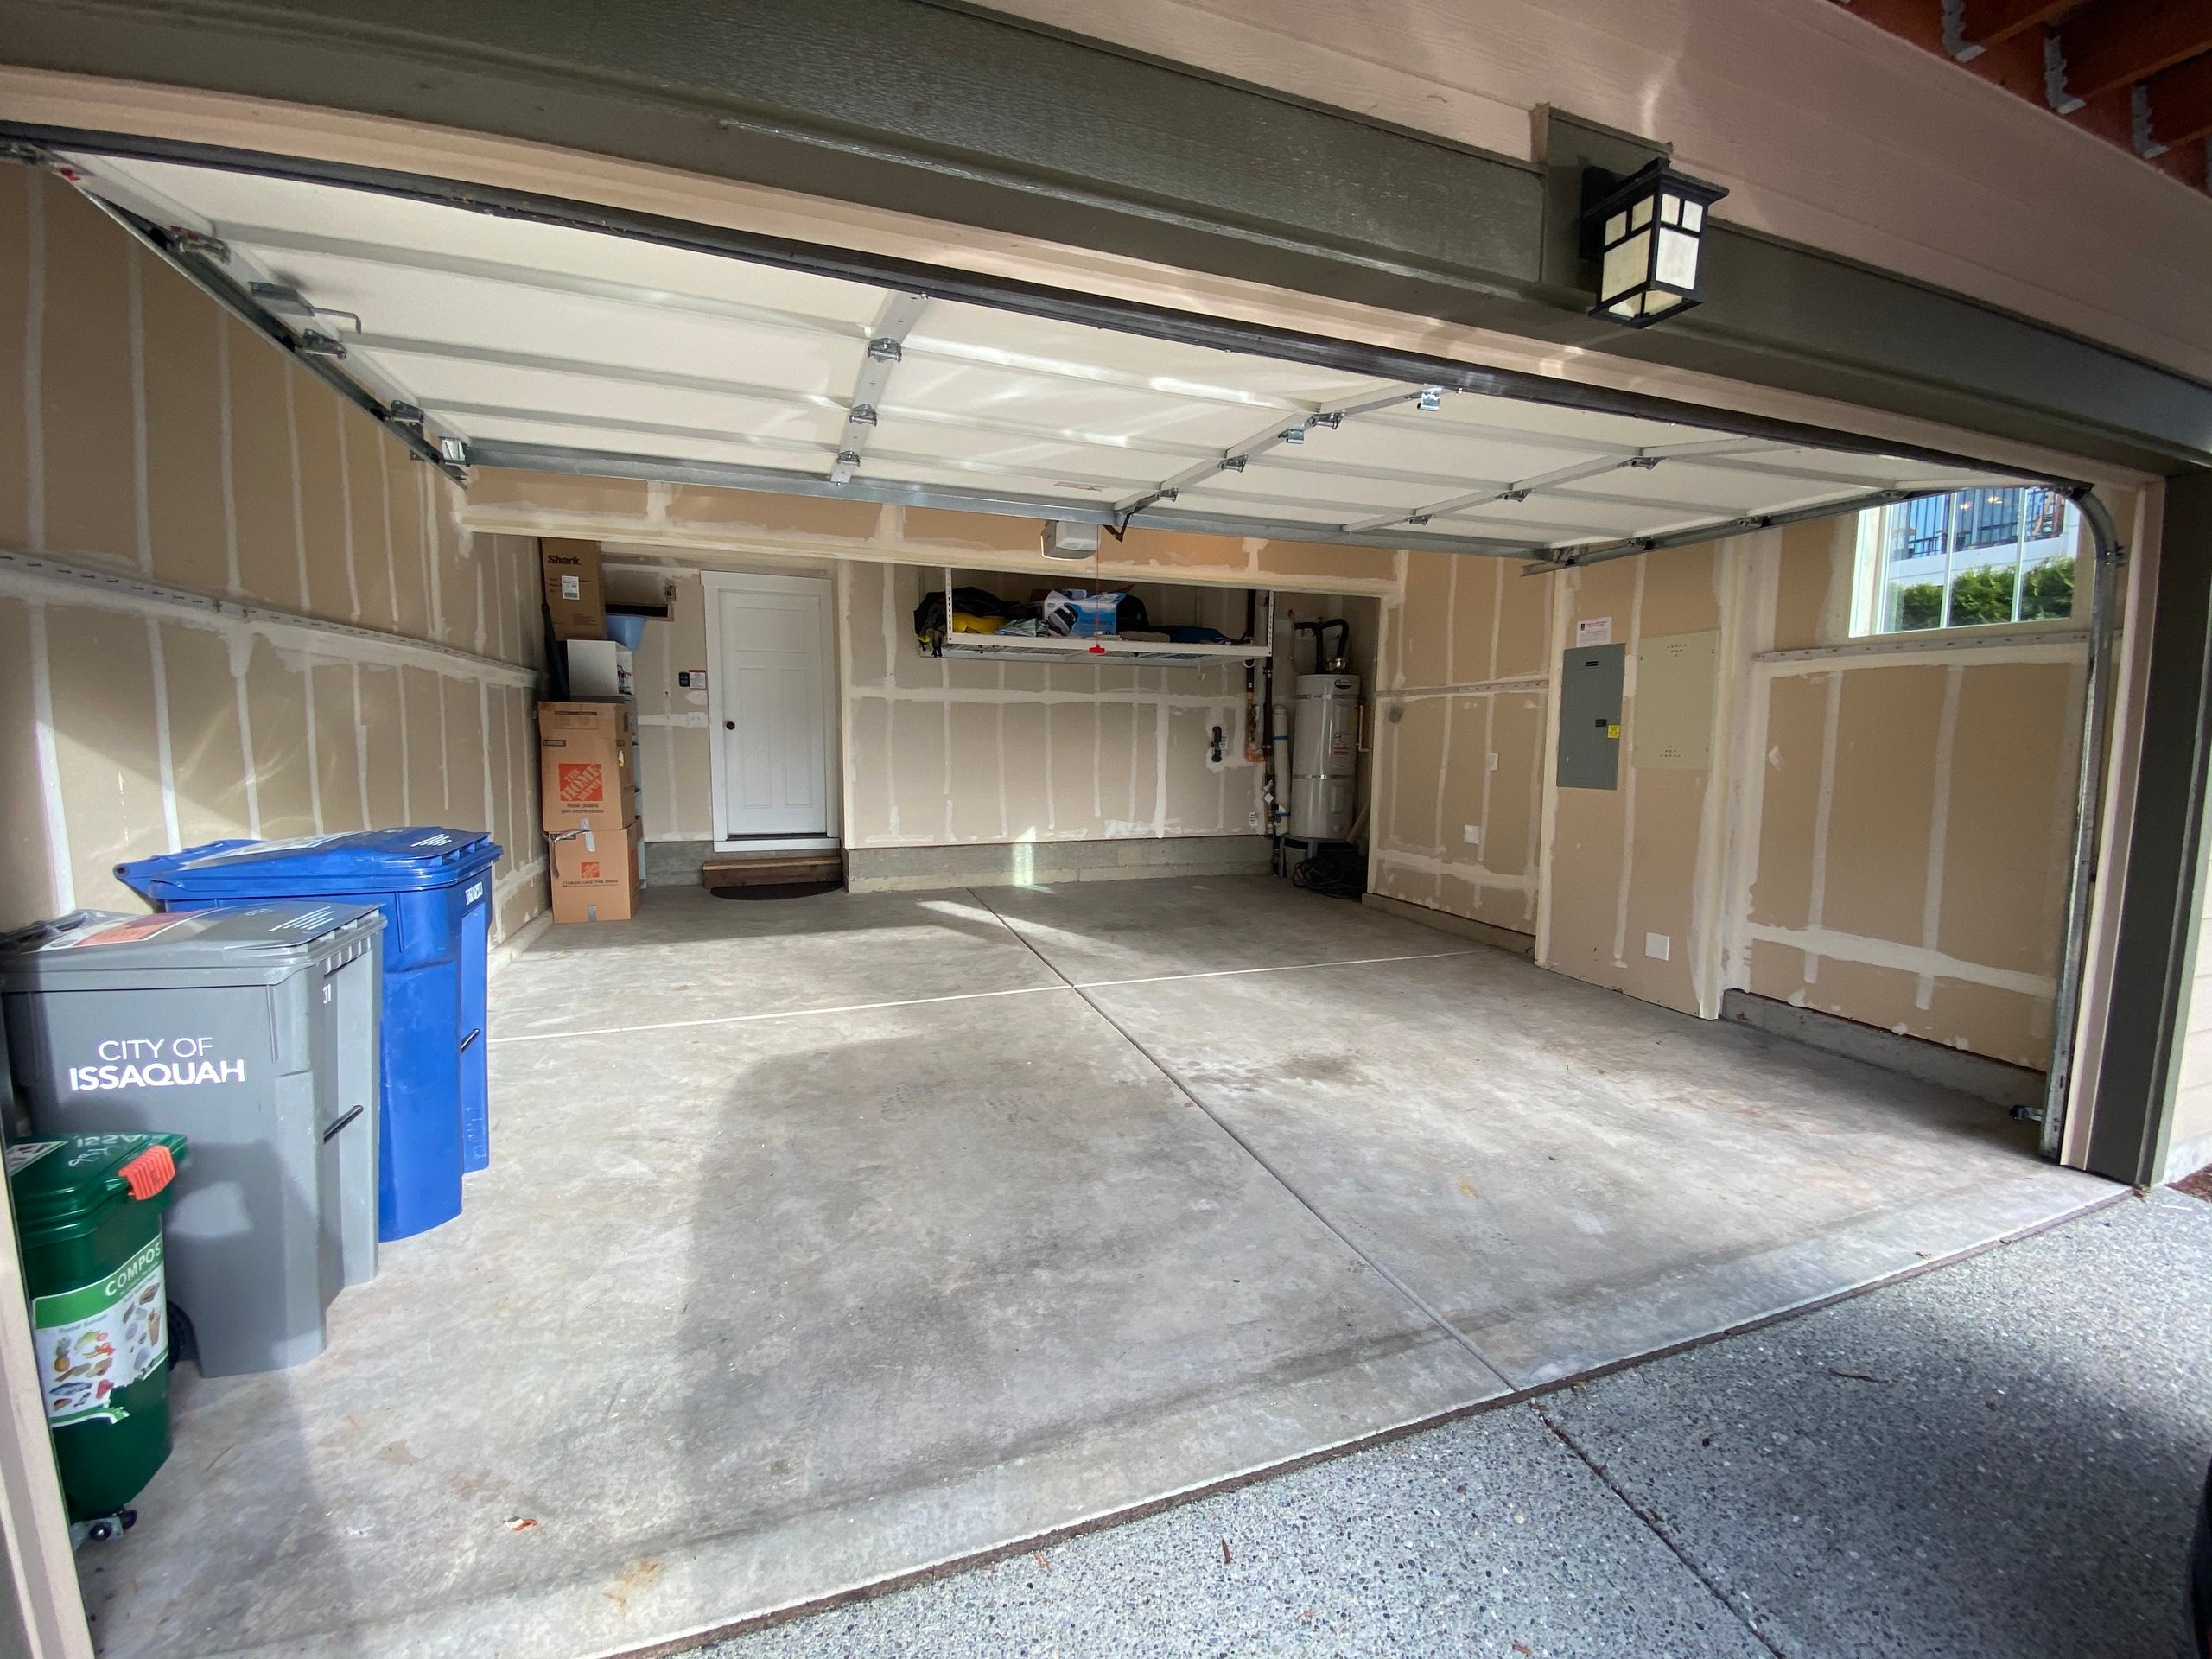 22x19 Garage self storage unit